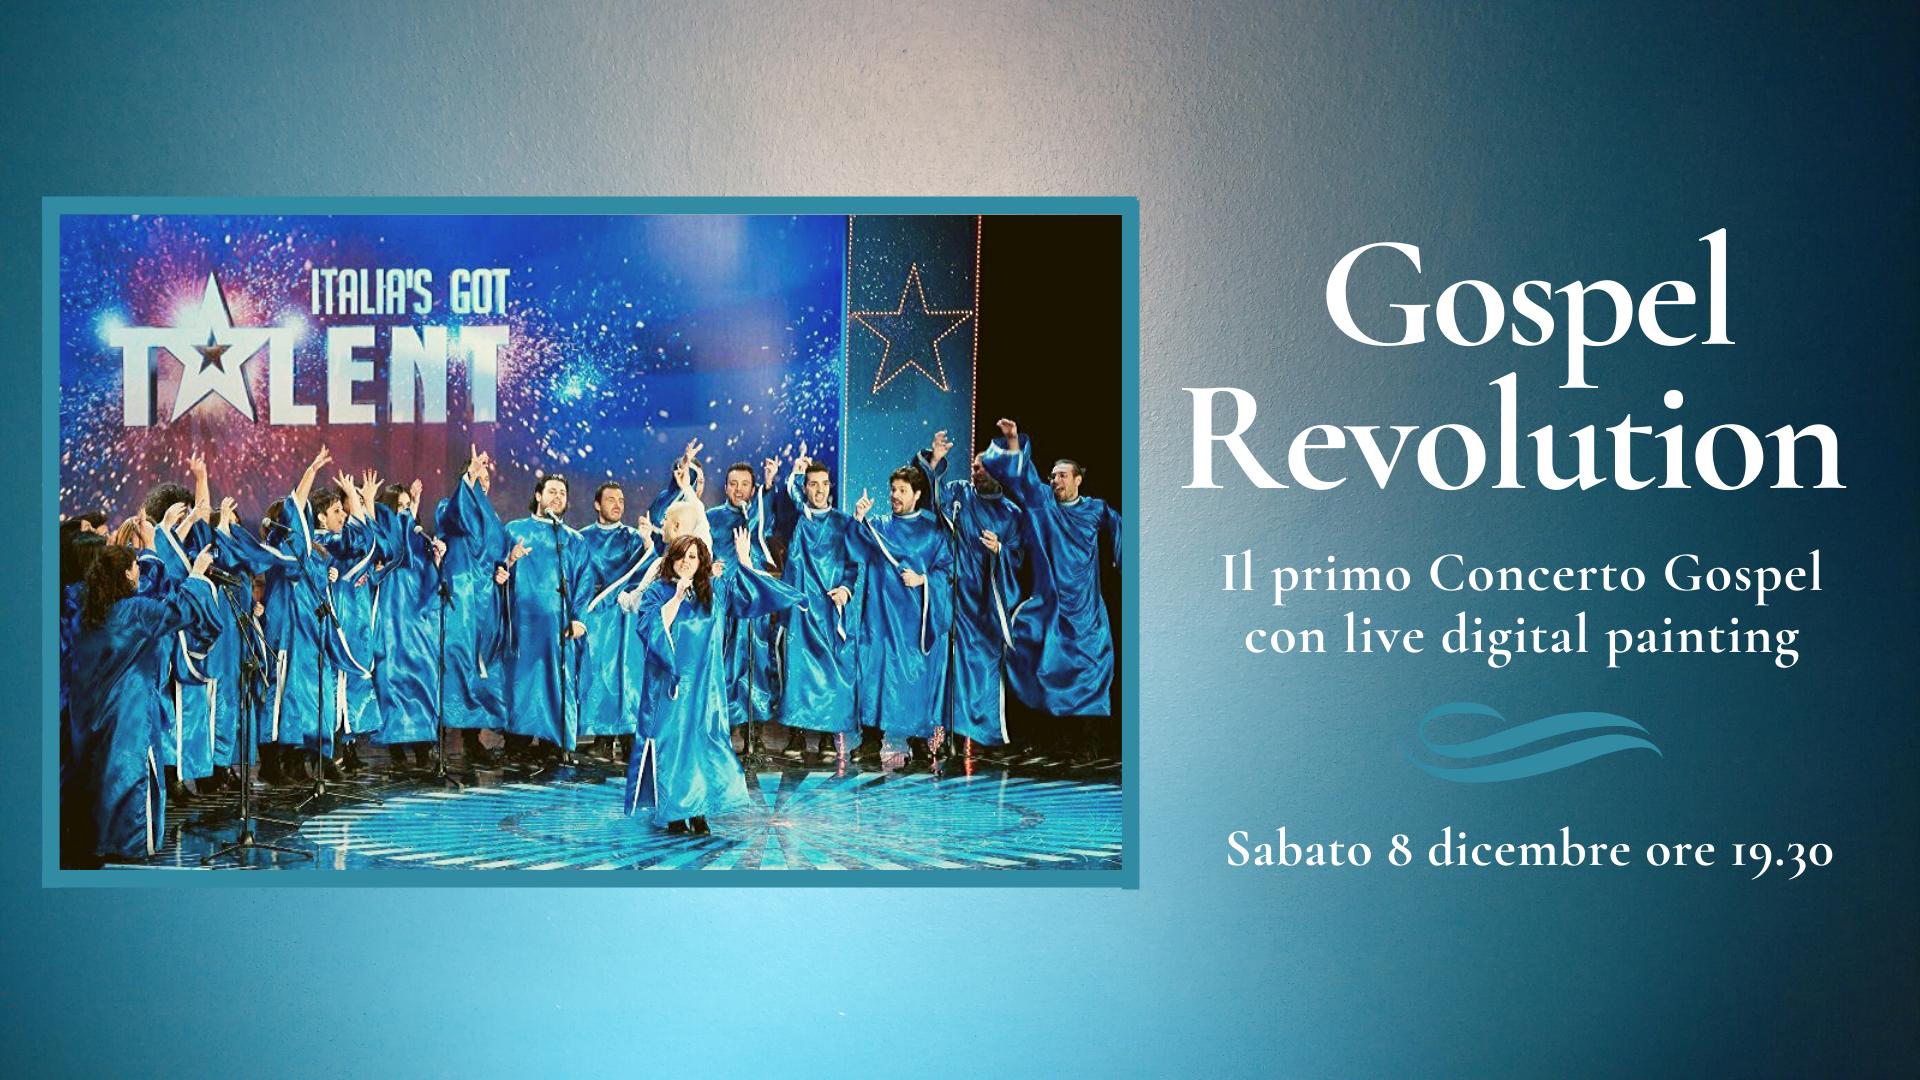 'Gospel Revolution' al Complesso di Donnaregina